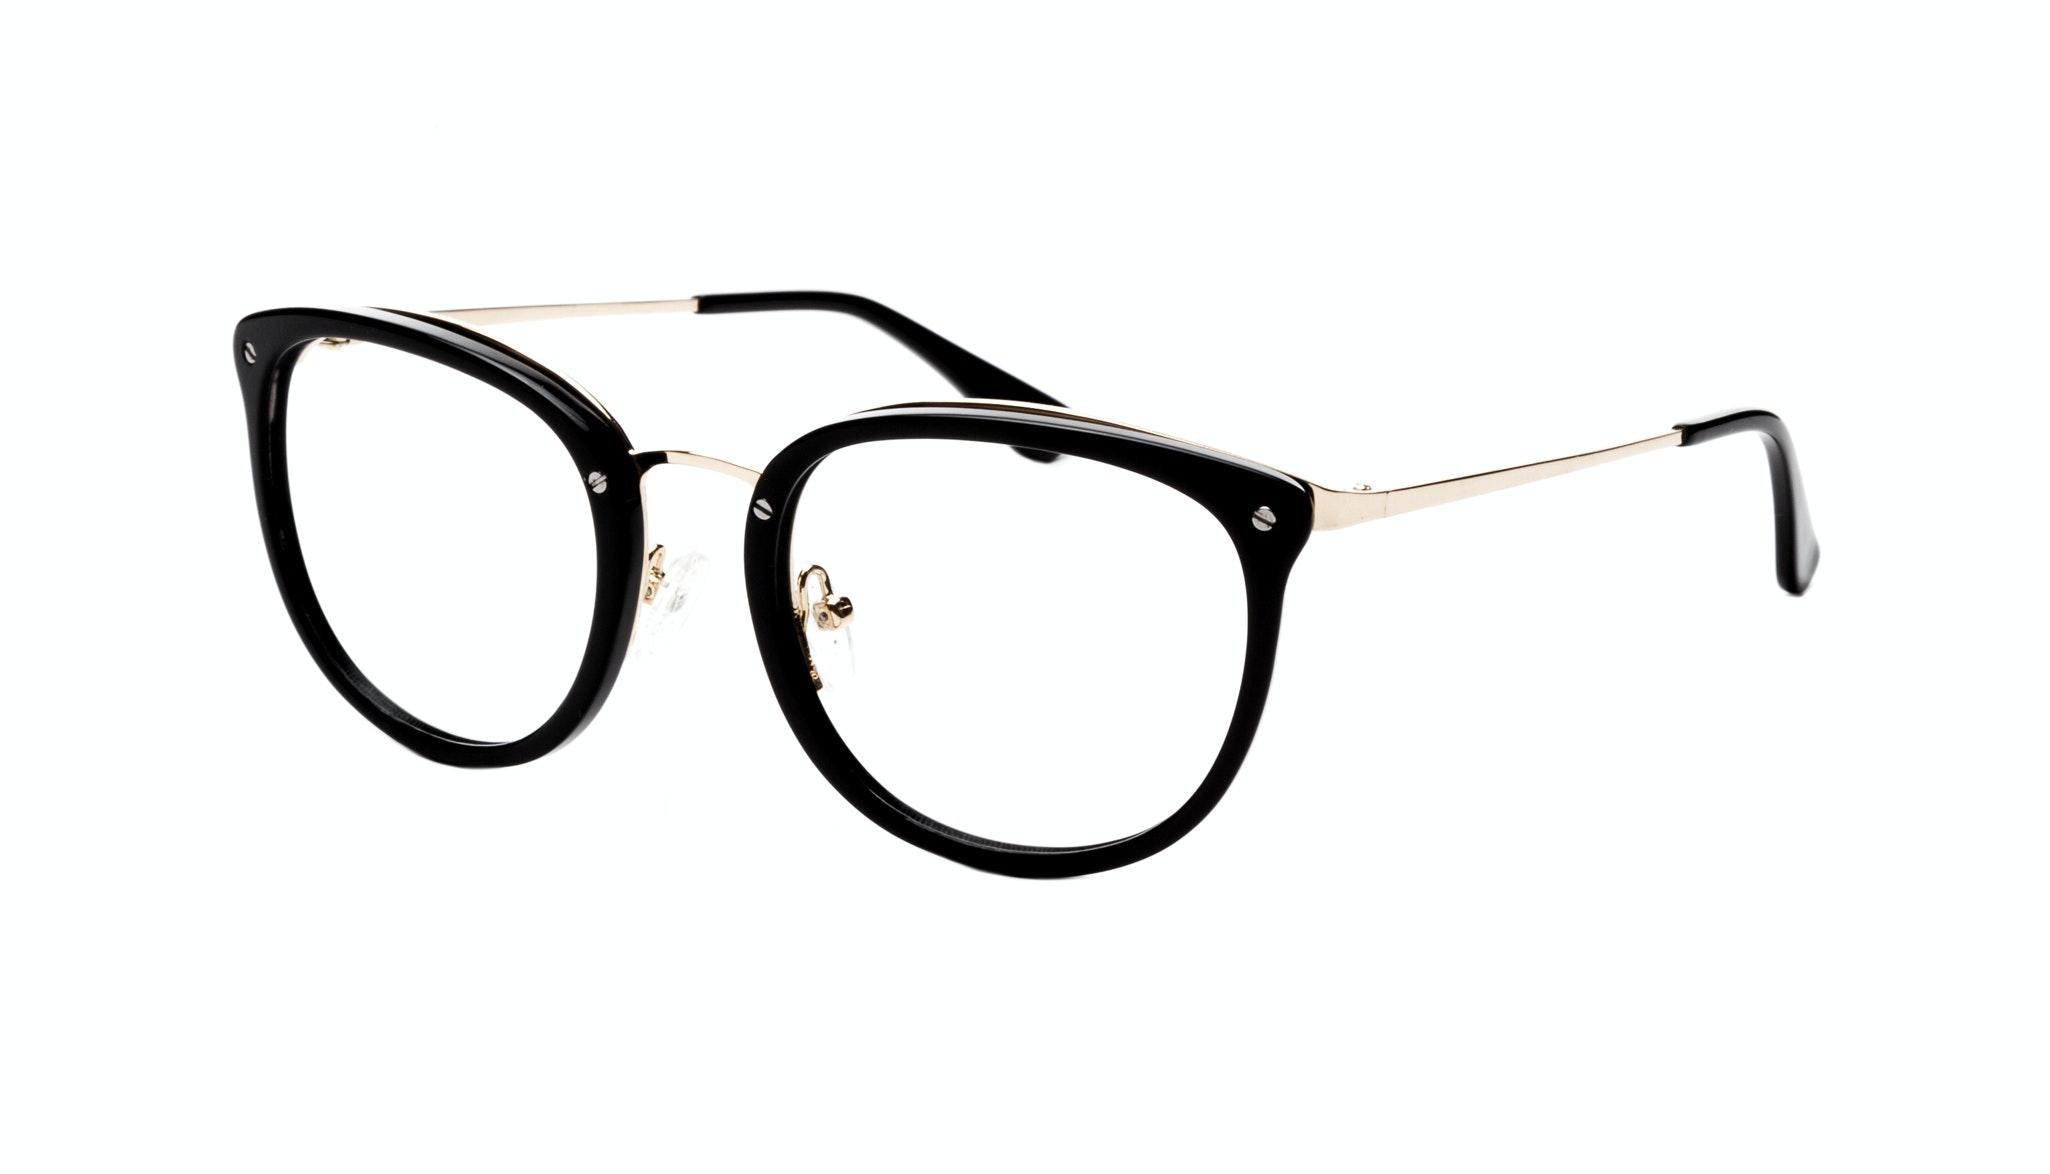 Affordable Fashion Glasses Square Round Eyeglasses Women Amaze Onyx Tilt